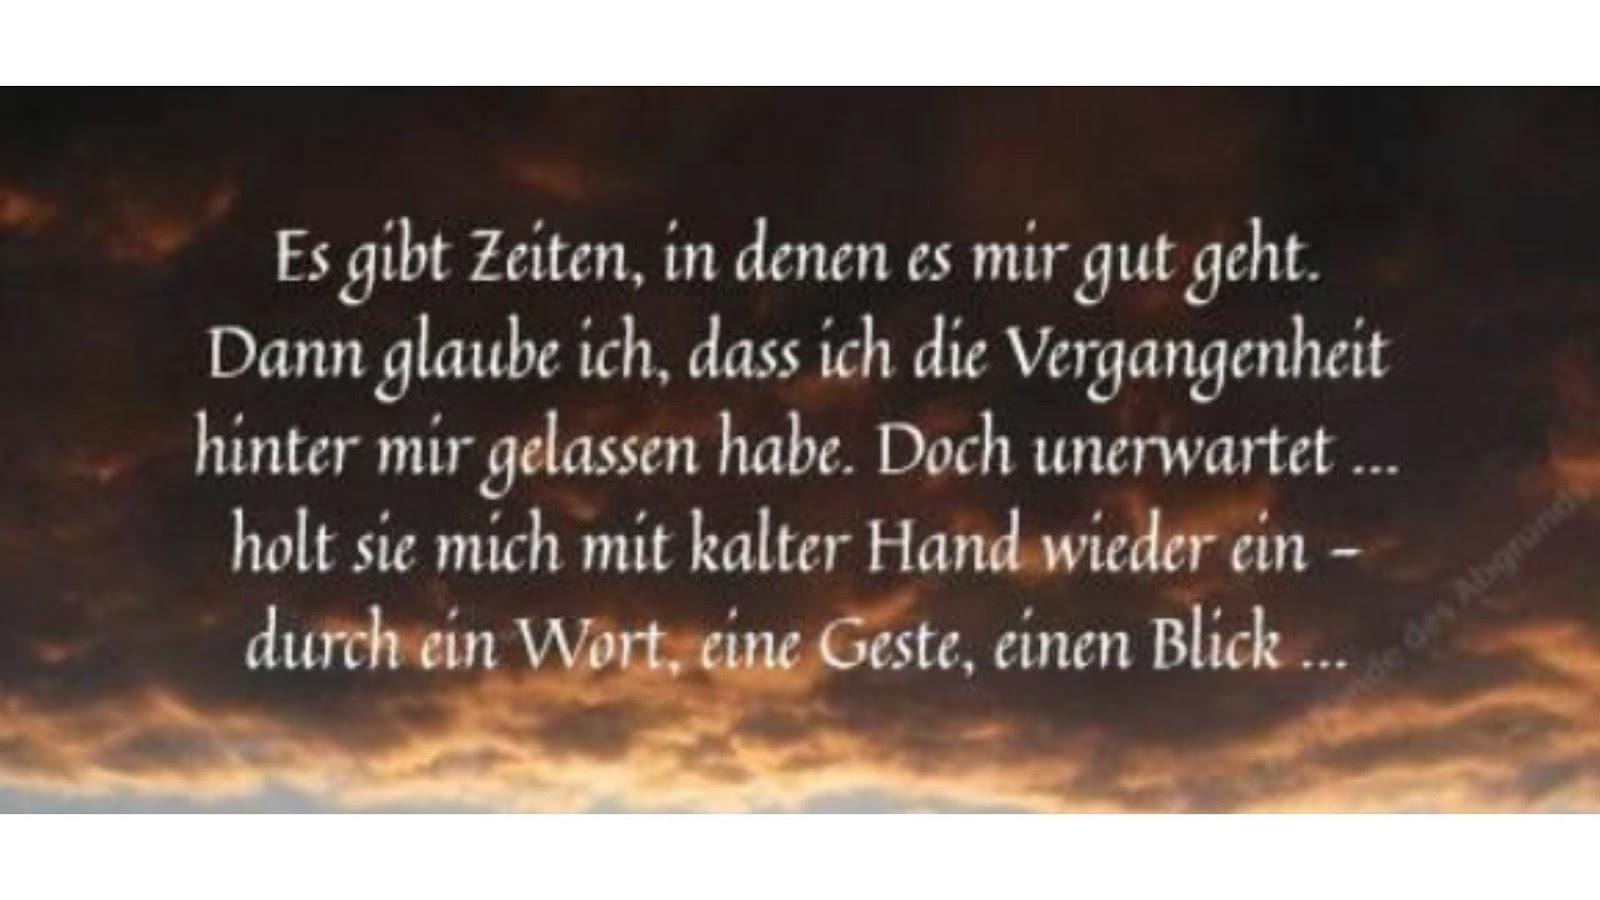 Astounding Zitaten Leben Galerie Von Zitate Leben, Zitat Des Tages, Spruch Des